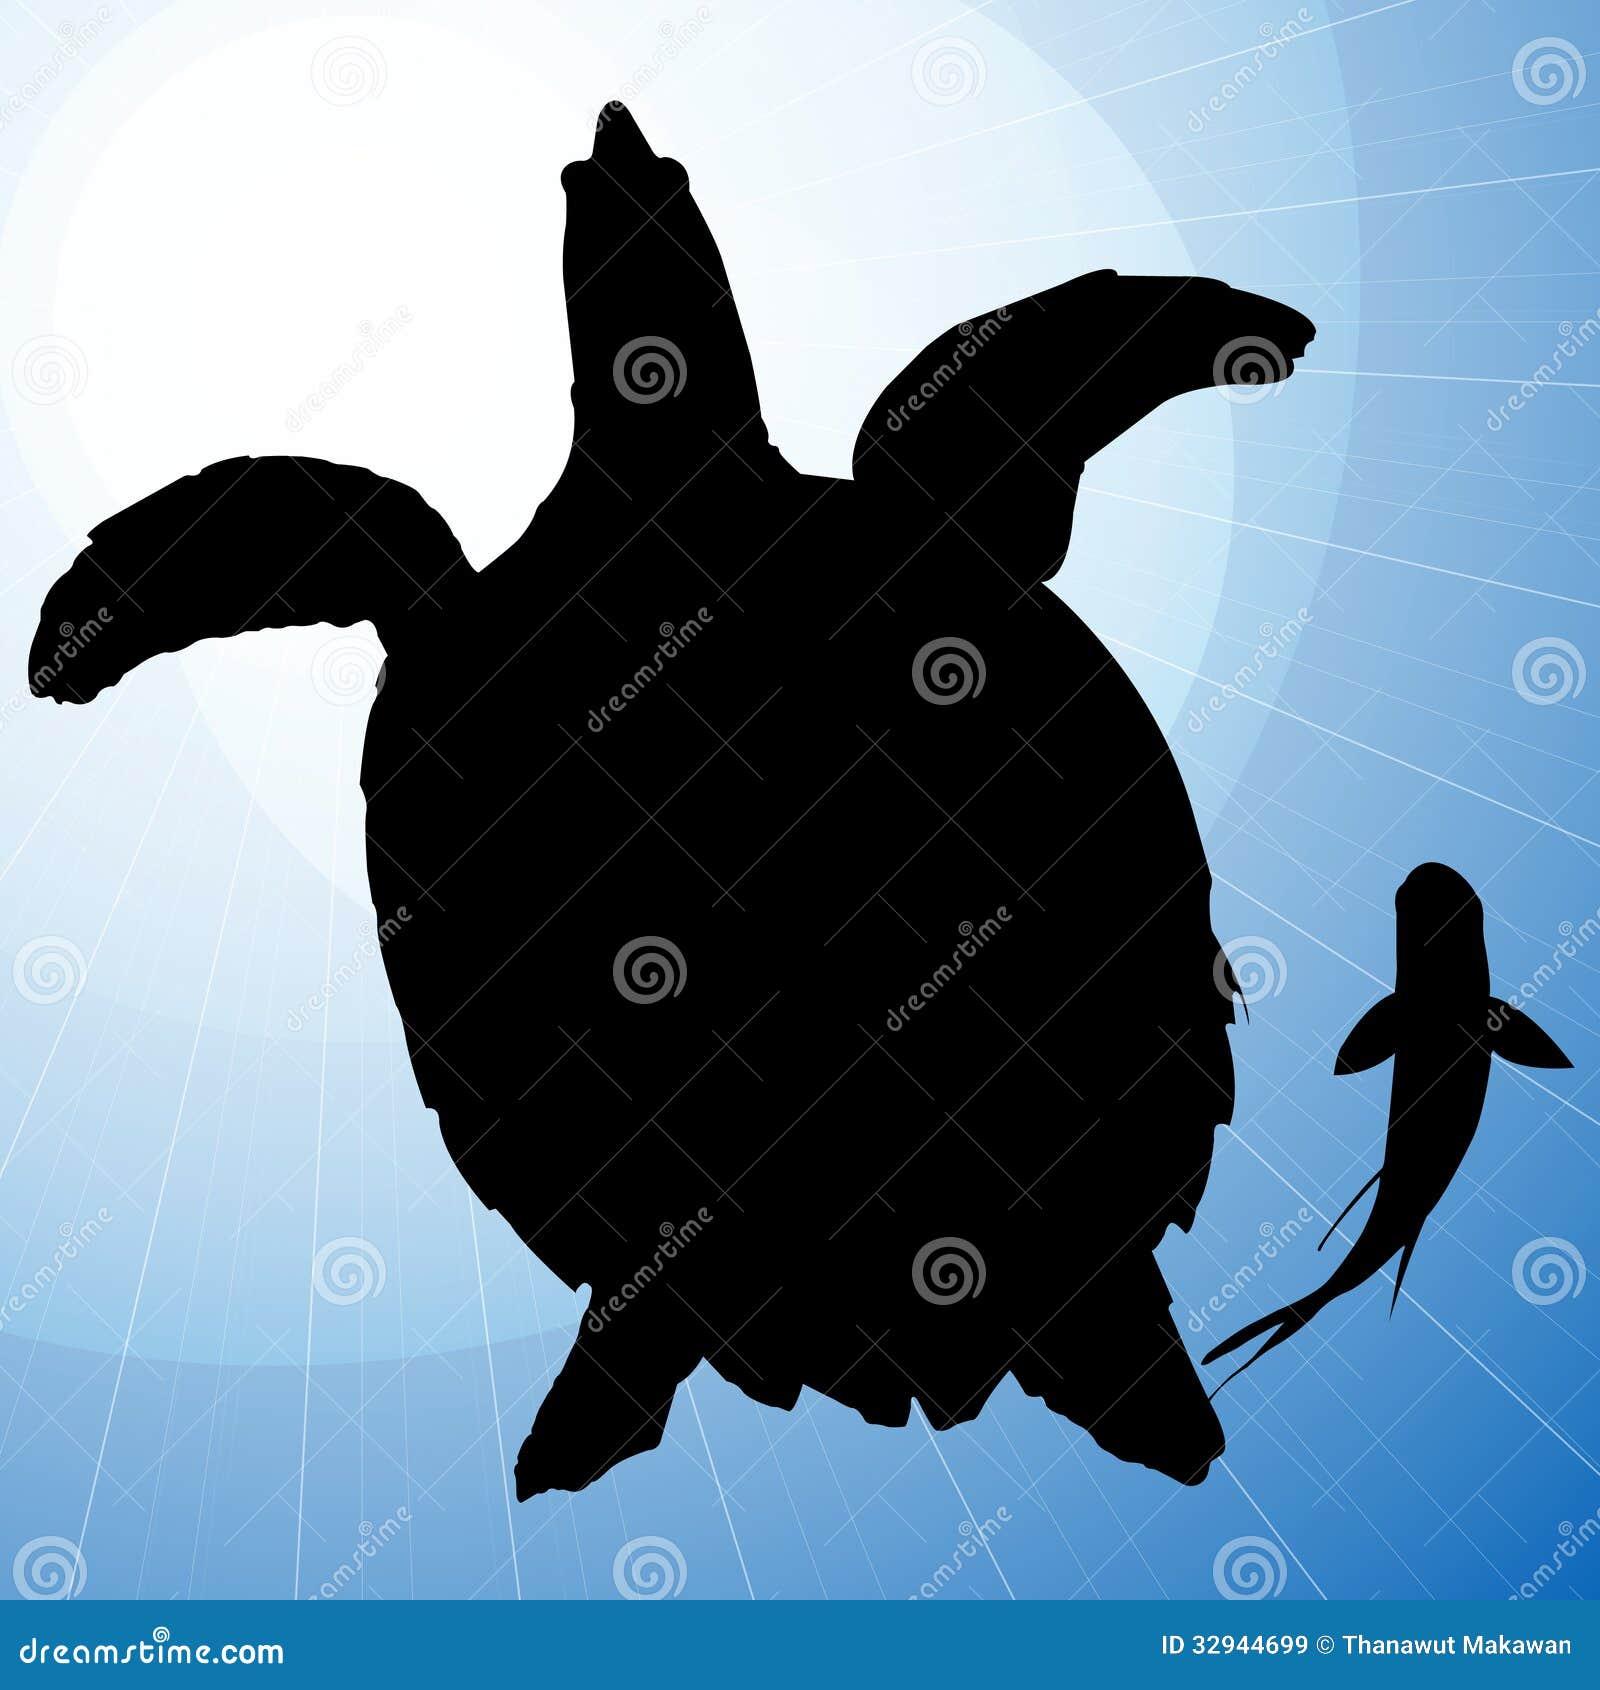 乌龟与鱼的传染媒介剪影在蓝色背景.图片